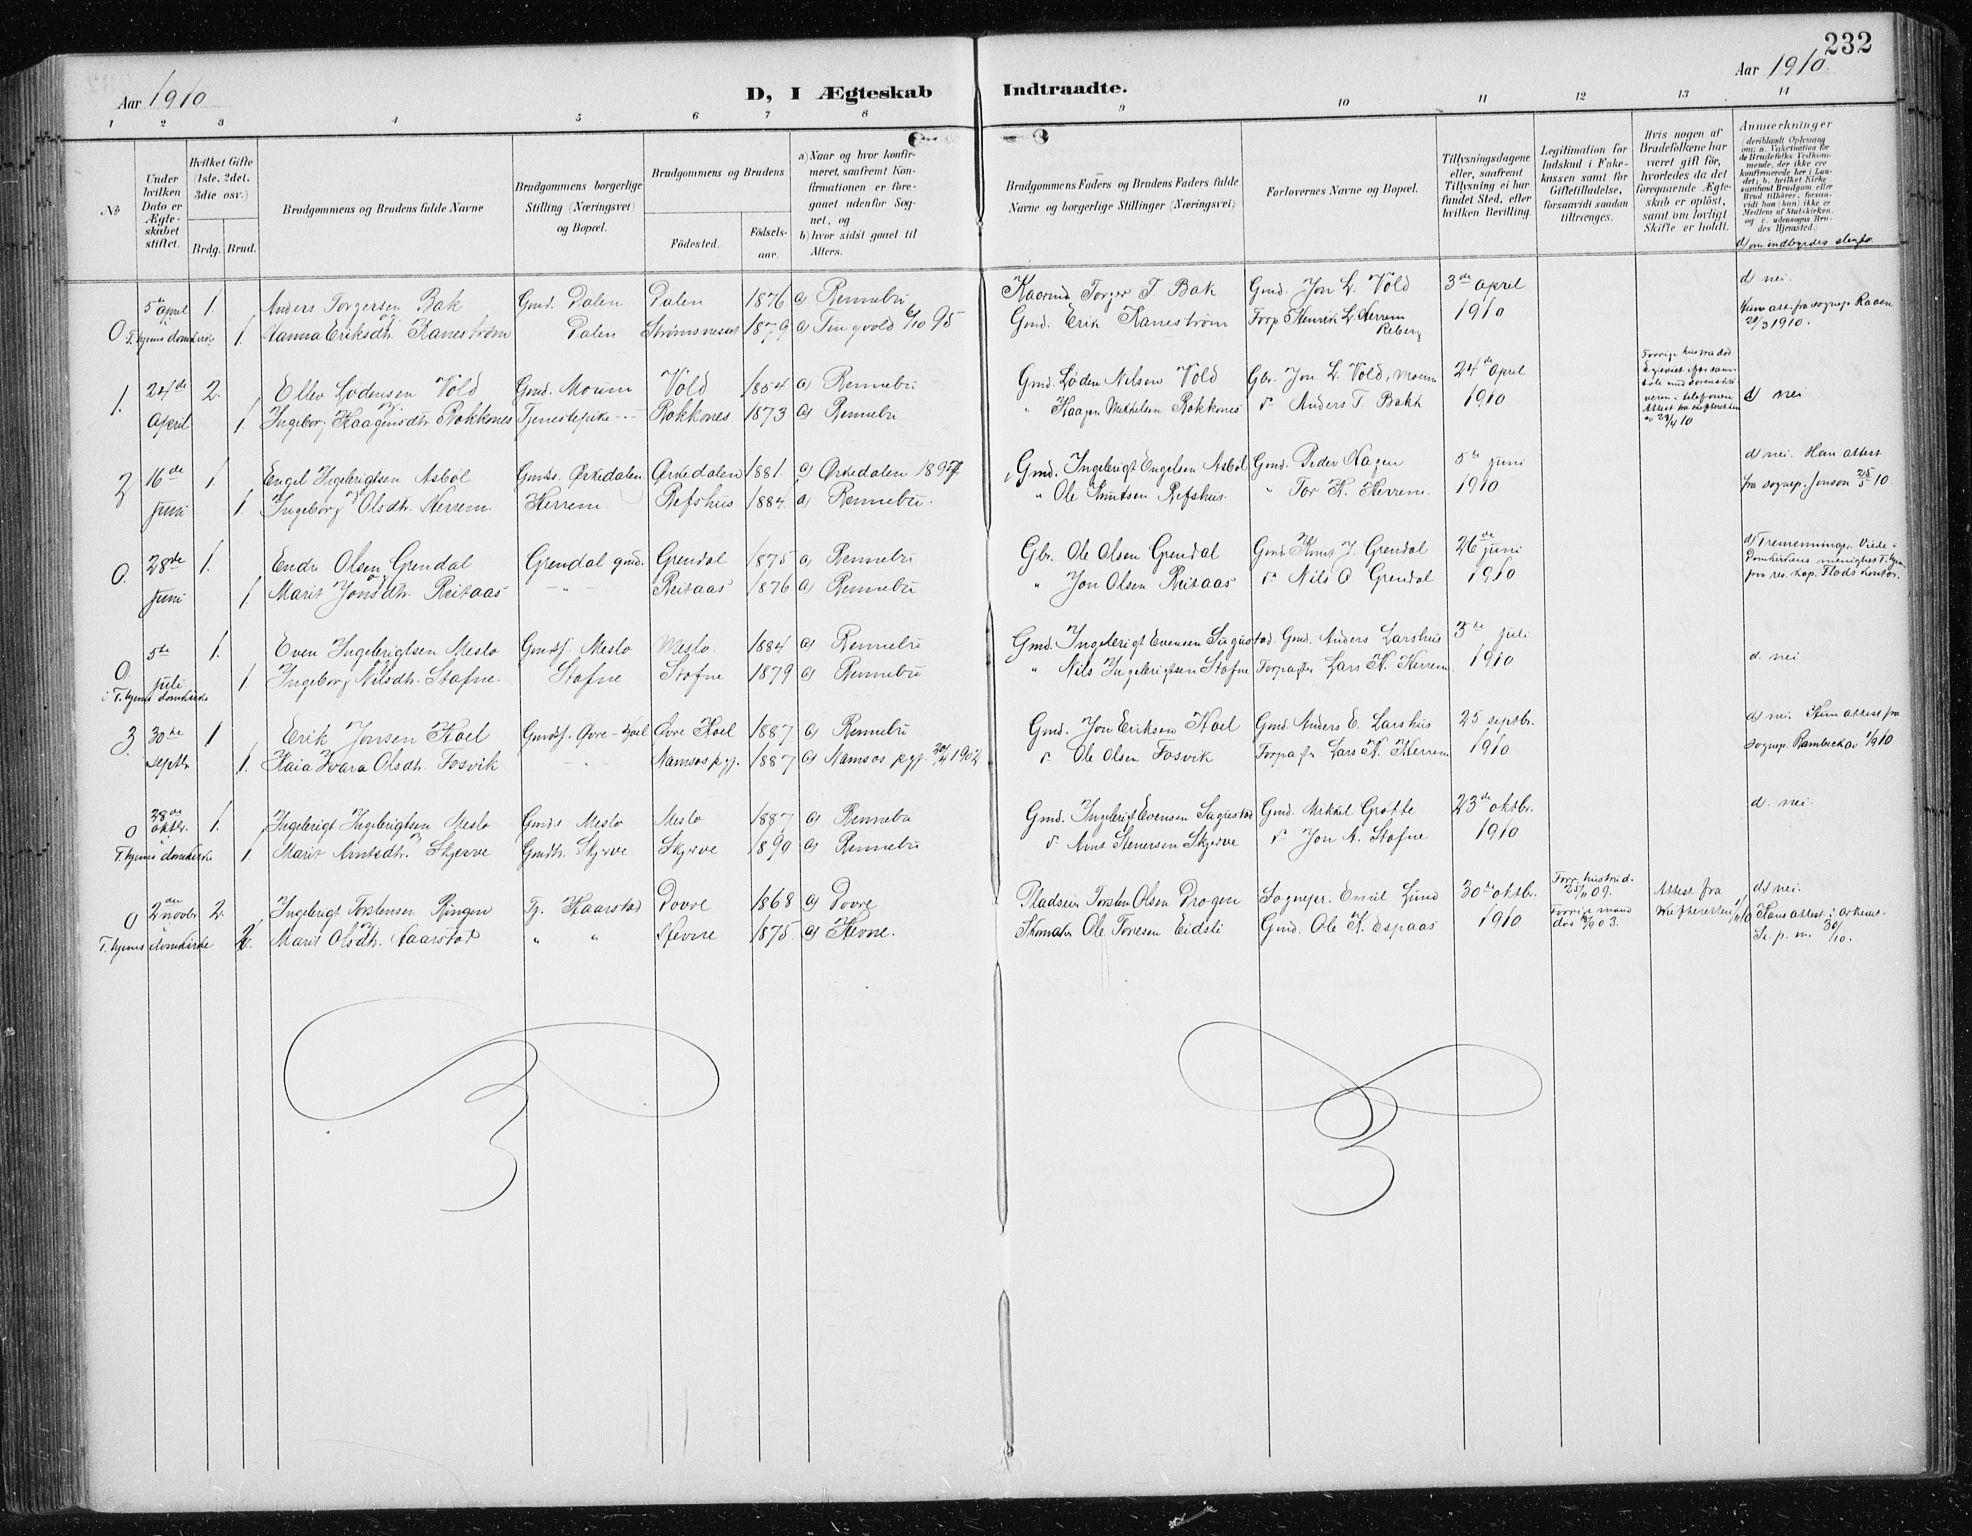 SAT, Ministerialprotokoller, klokkerbøker og fødselsregistre - Sør-Trøndelag, 674/L0876: Klokkerbok nr. 674C03, 1892-1912, s. 232